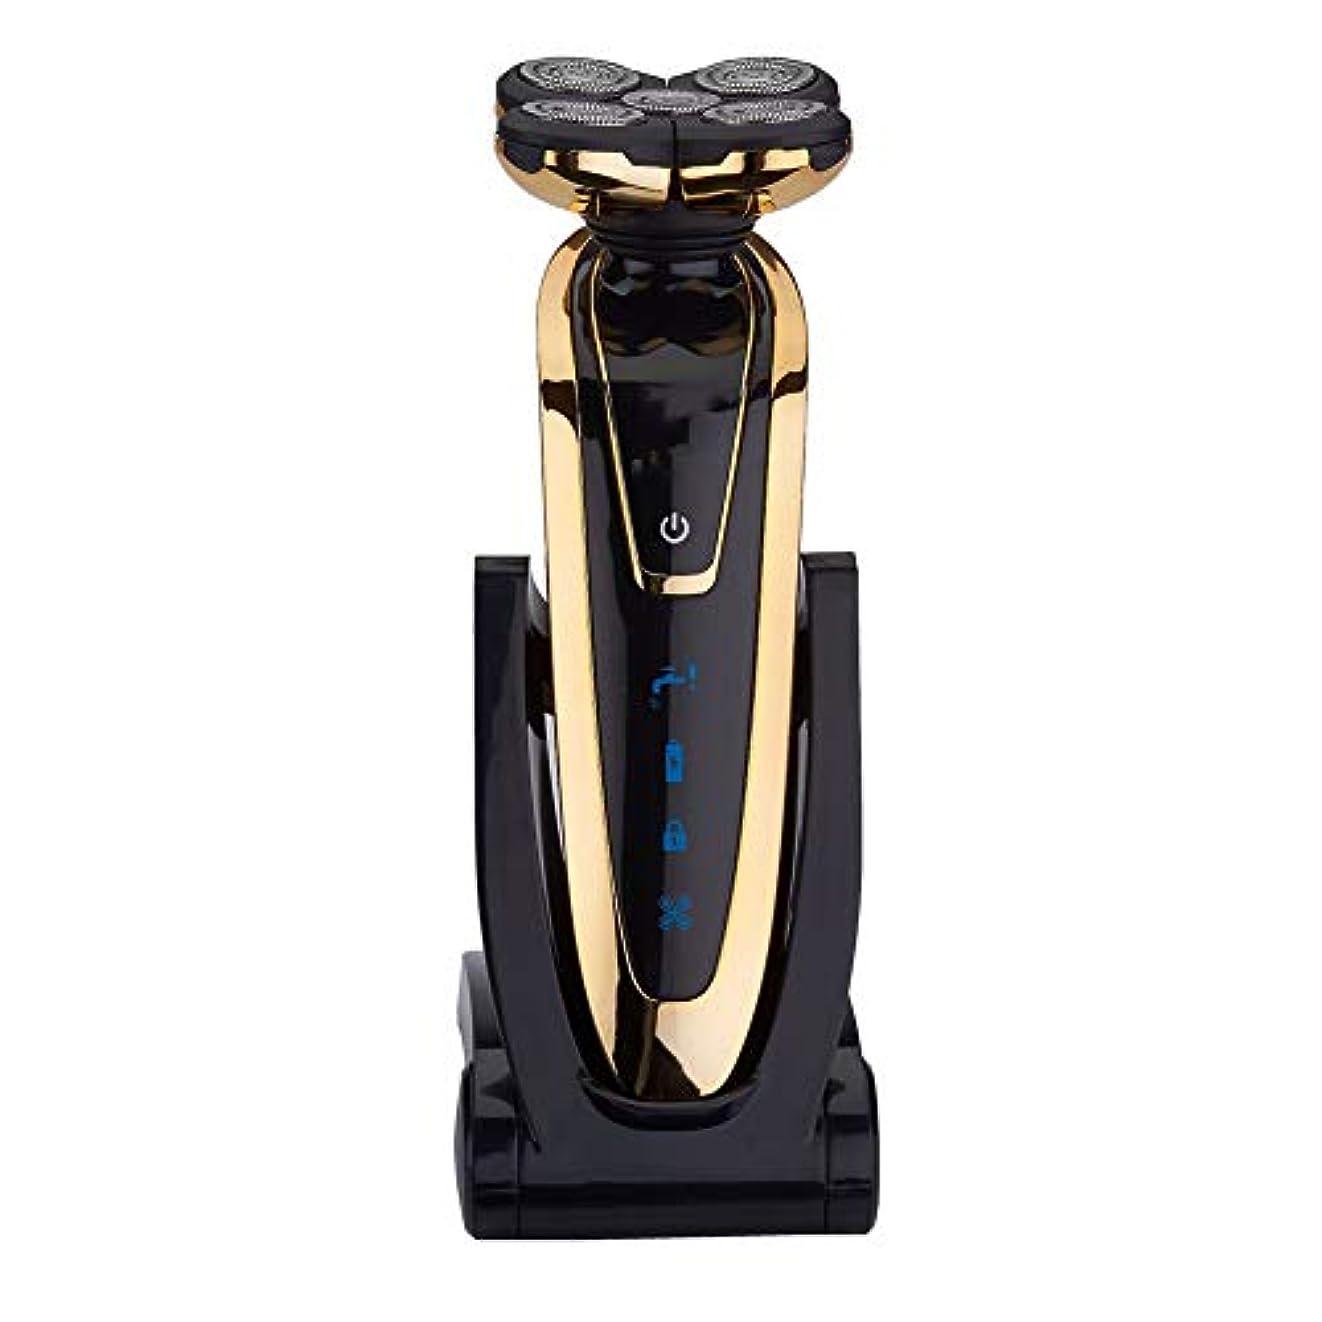 回転式カミソリ男性用電気シェーバー充電式コードレスカミソリウェット&ドライボディ防水